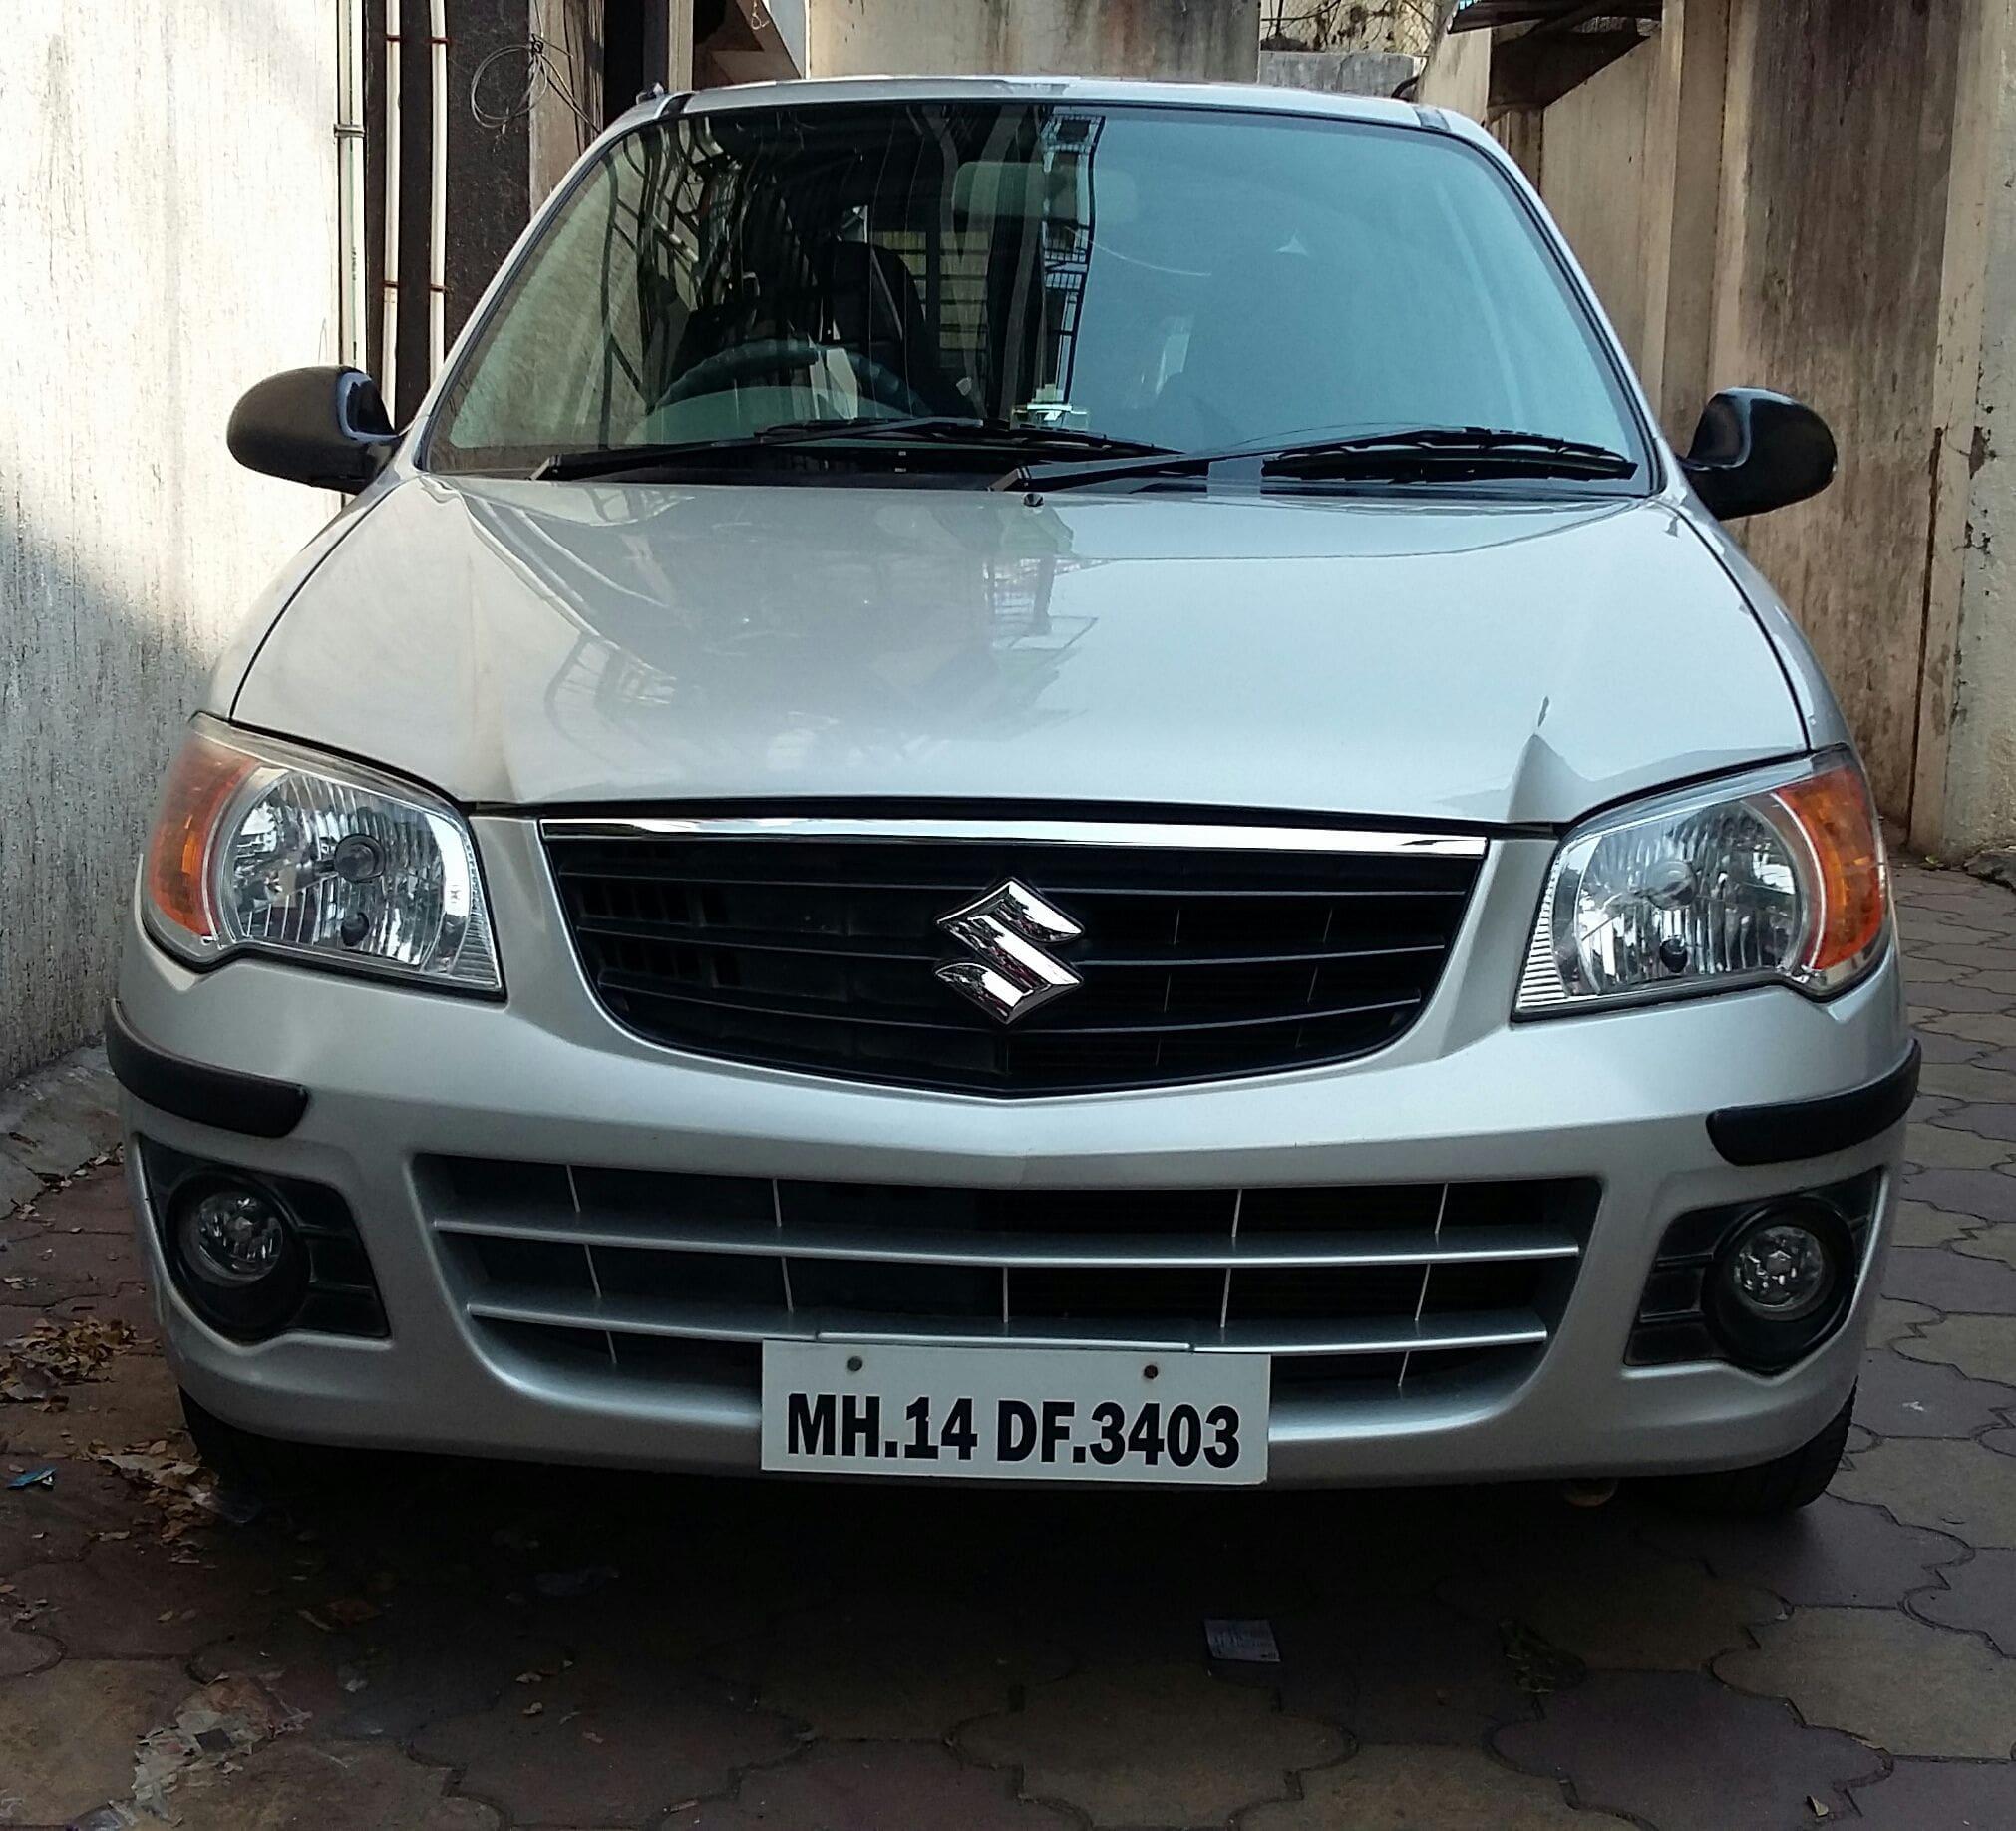 Maruti Alto K10 Price Used Car2016: Maruti Alto K10 Price, Specs, Review, Pics & Mileage In India